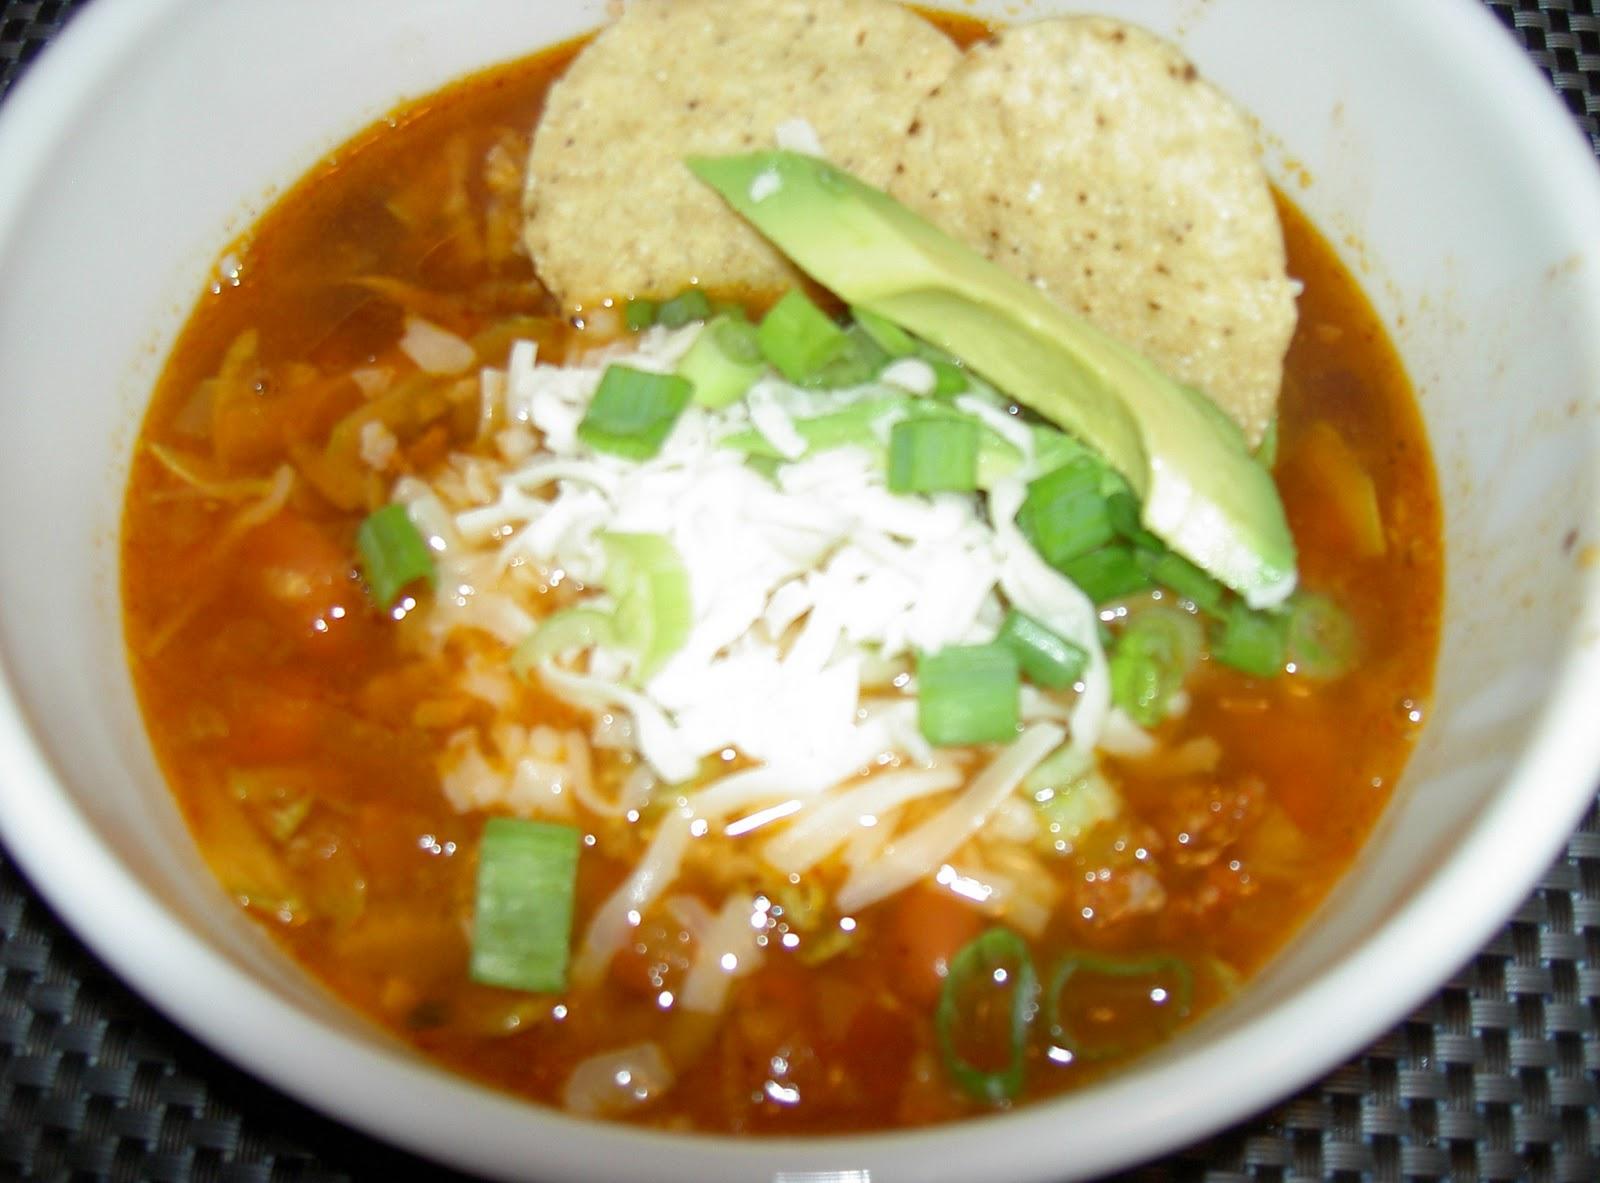 http://2.bp.blogspot.com/-bdLqN6WPsU4/TsSv9tXDFII/AAAAAAAAAMA/c46WyLp9mIU/s1600/Taco+Soup.JPG